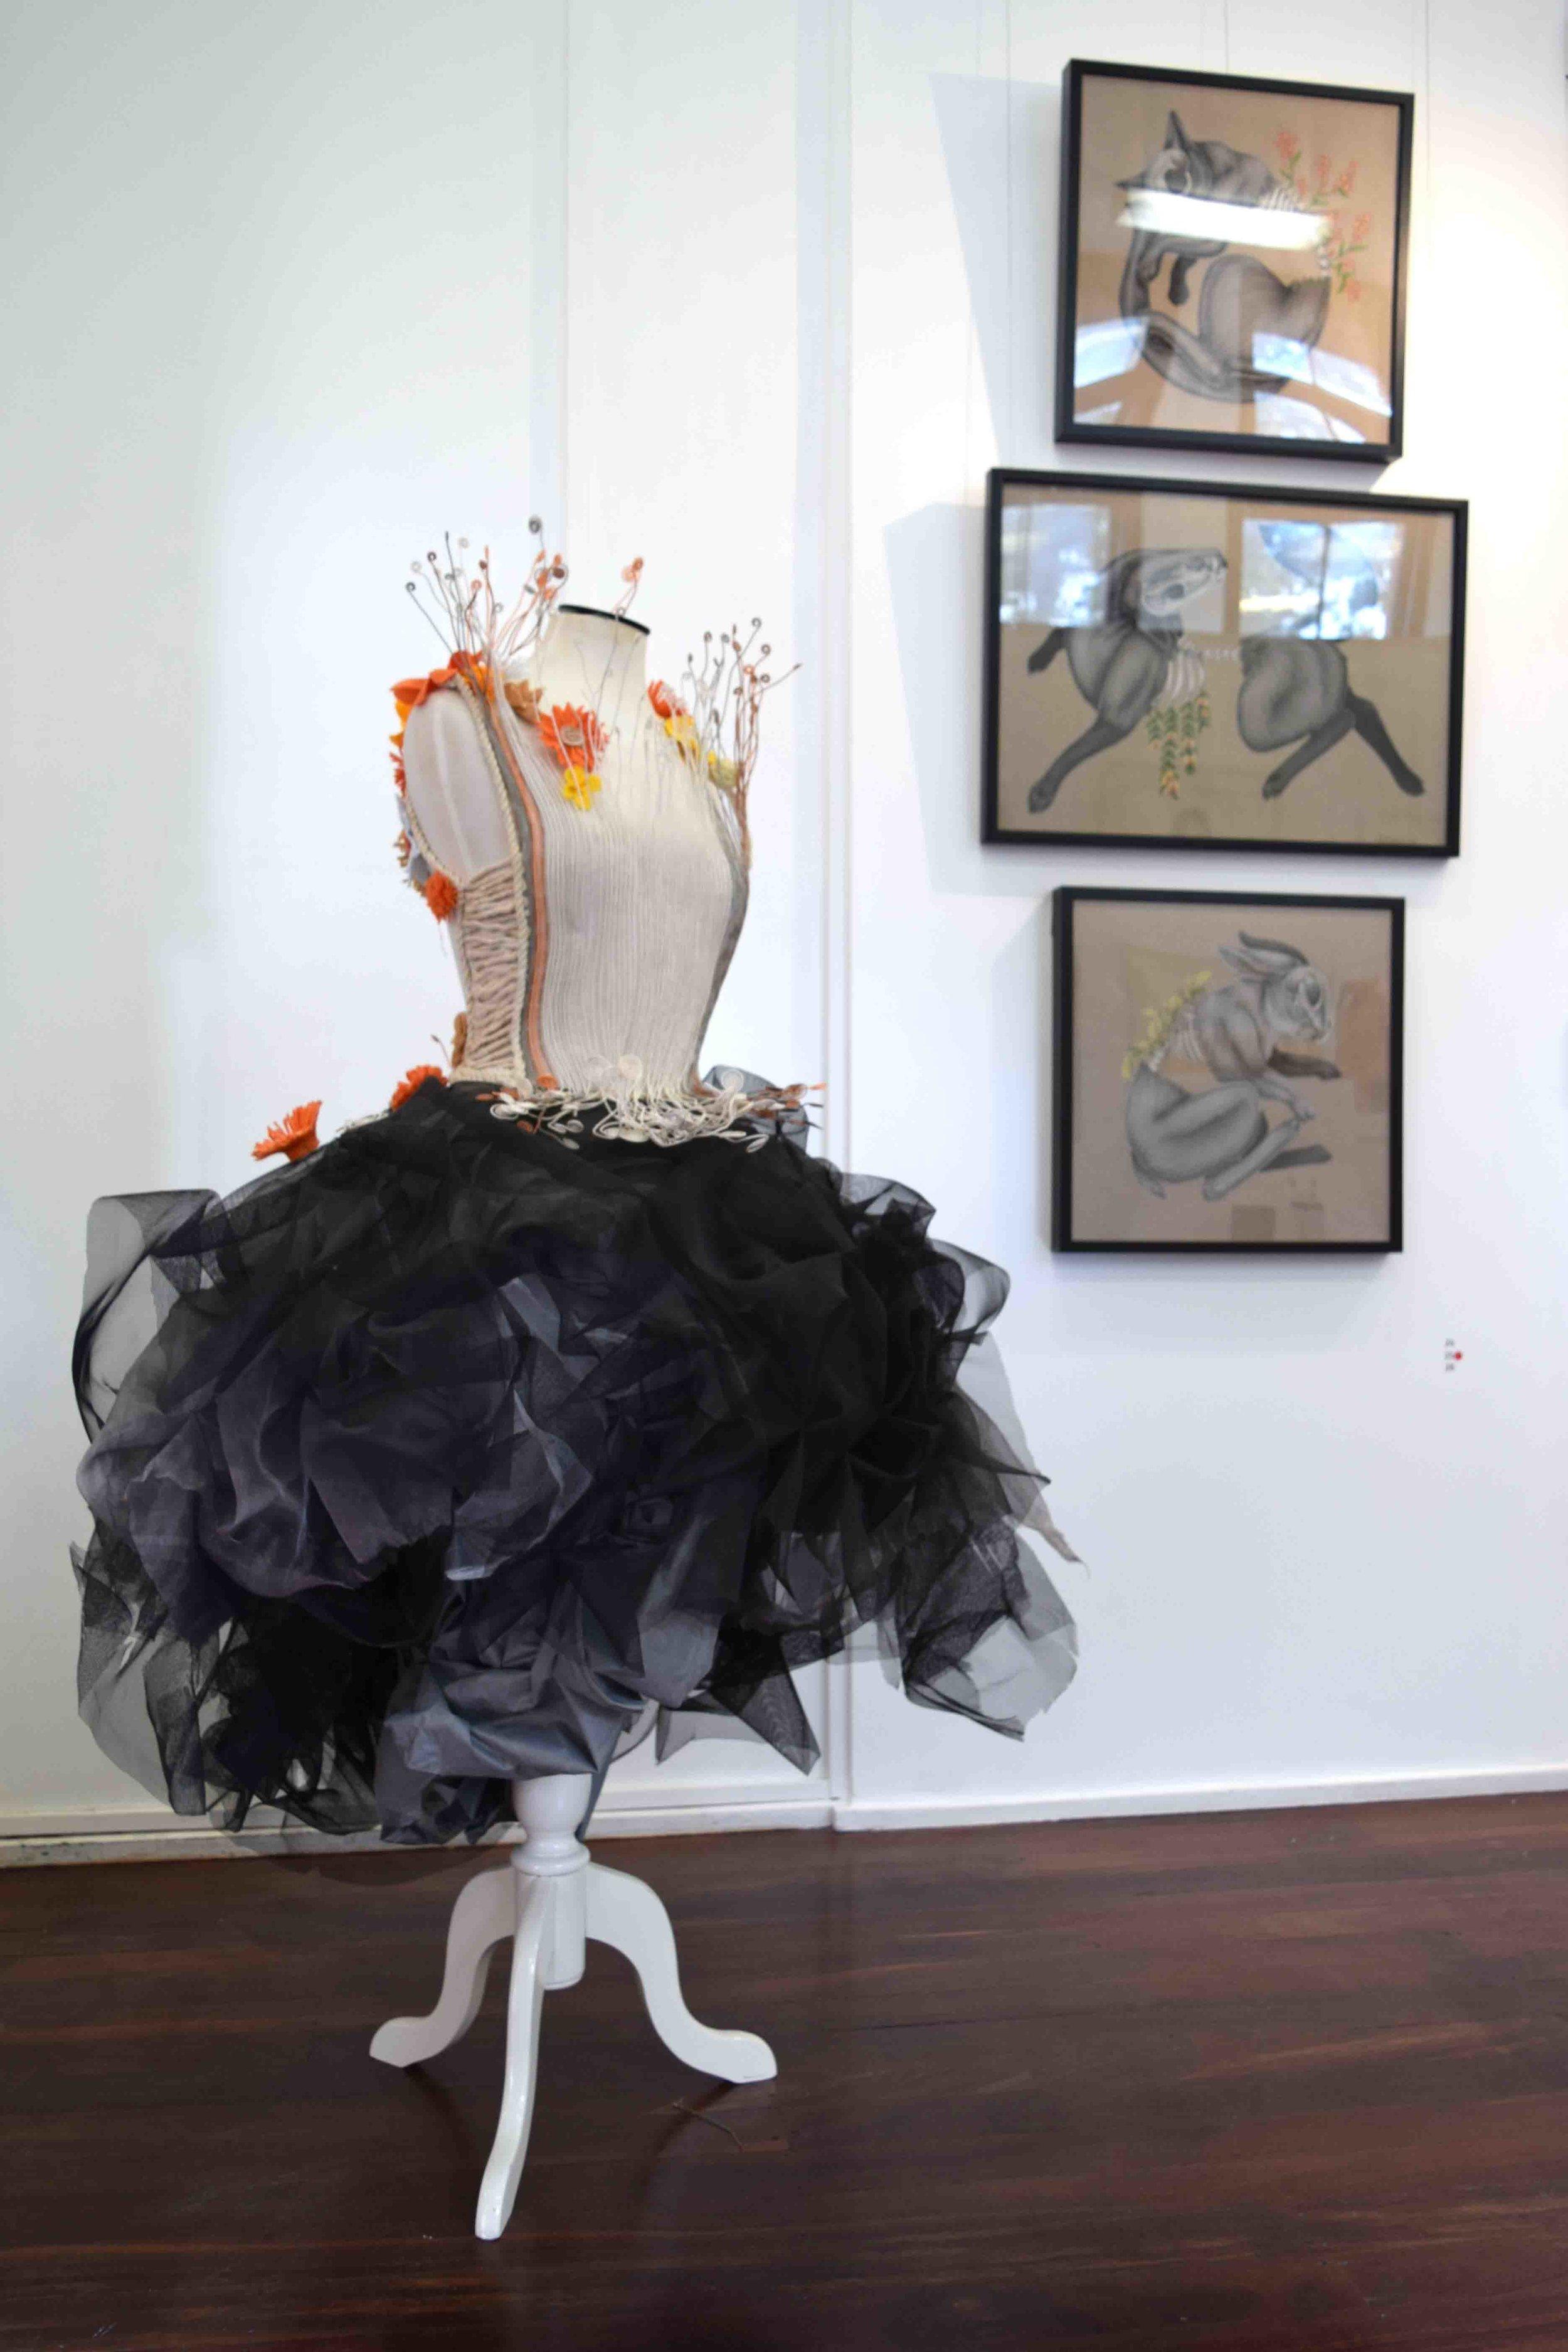 23. Kristin Hunter,  Sew pretty , flyscreen, telstra wire, tent, shower, curatin, felt, 80 x 145 x 80 cm $900  WINNER - FASHION